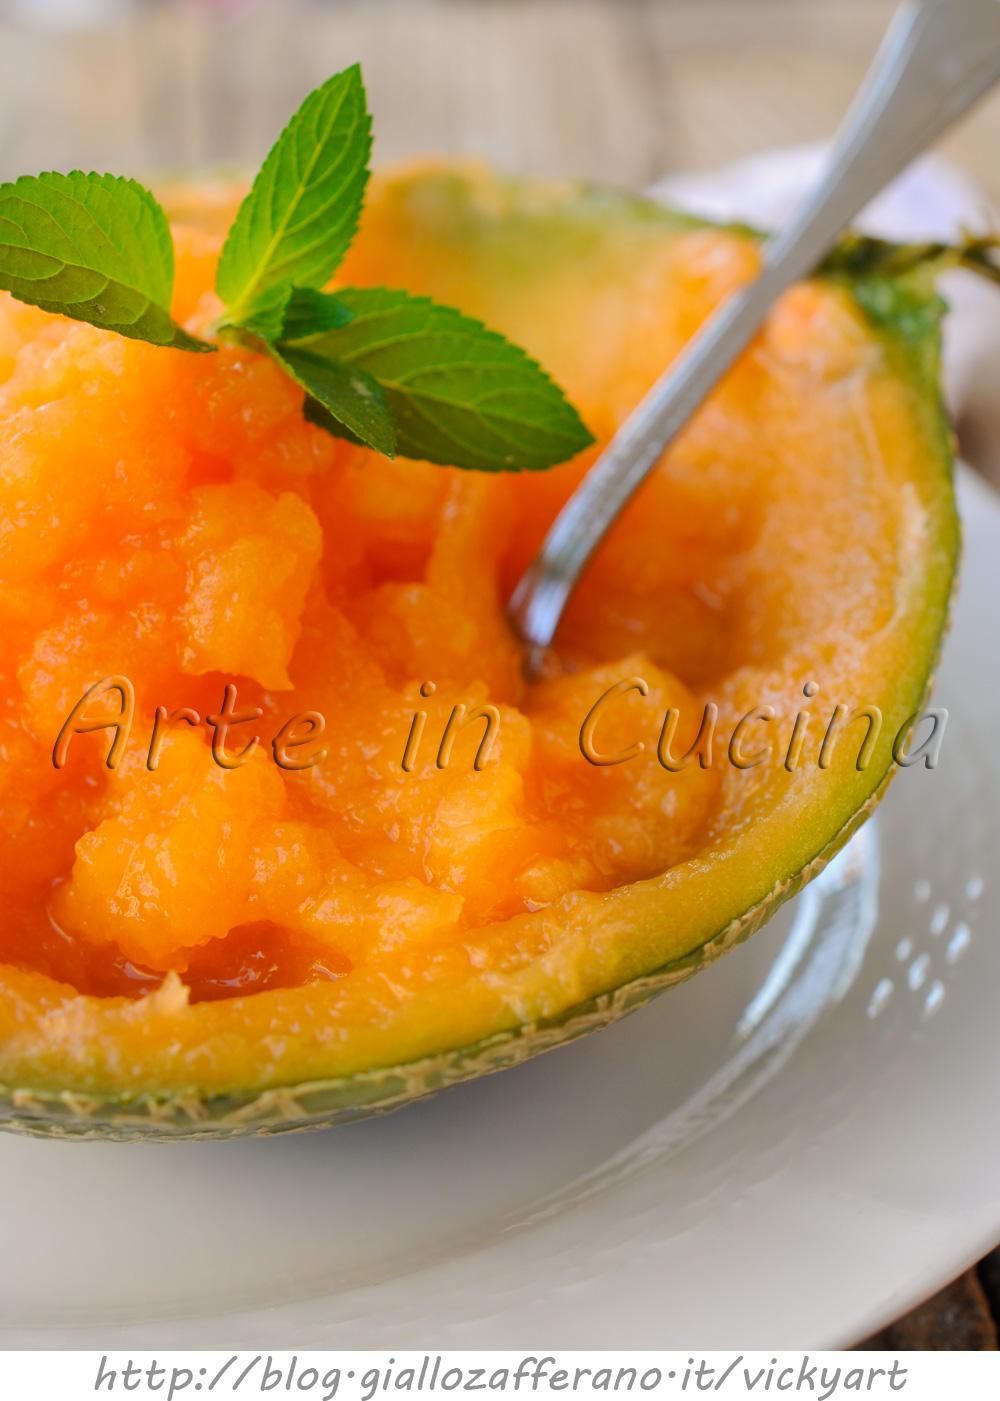 Sorbetto al melone e zenzero ricetta facile vickyart arte in cucina